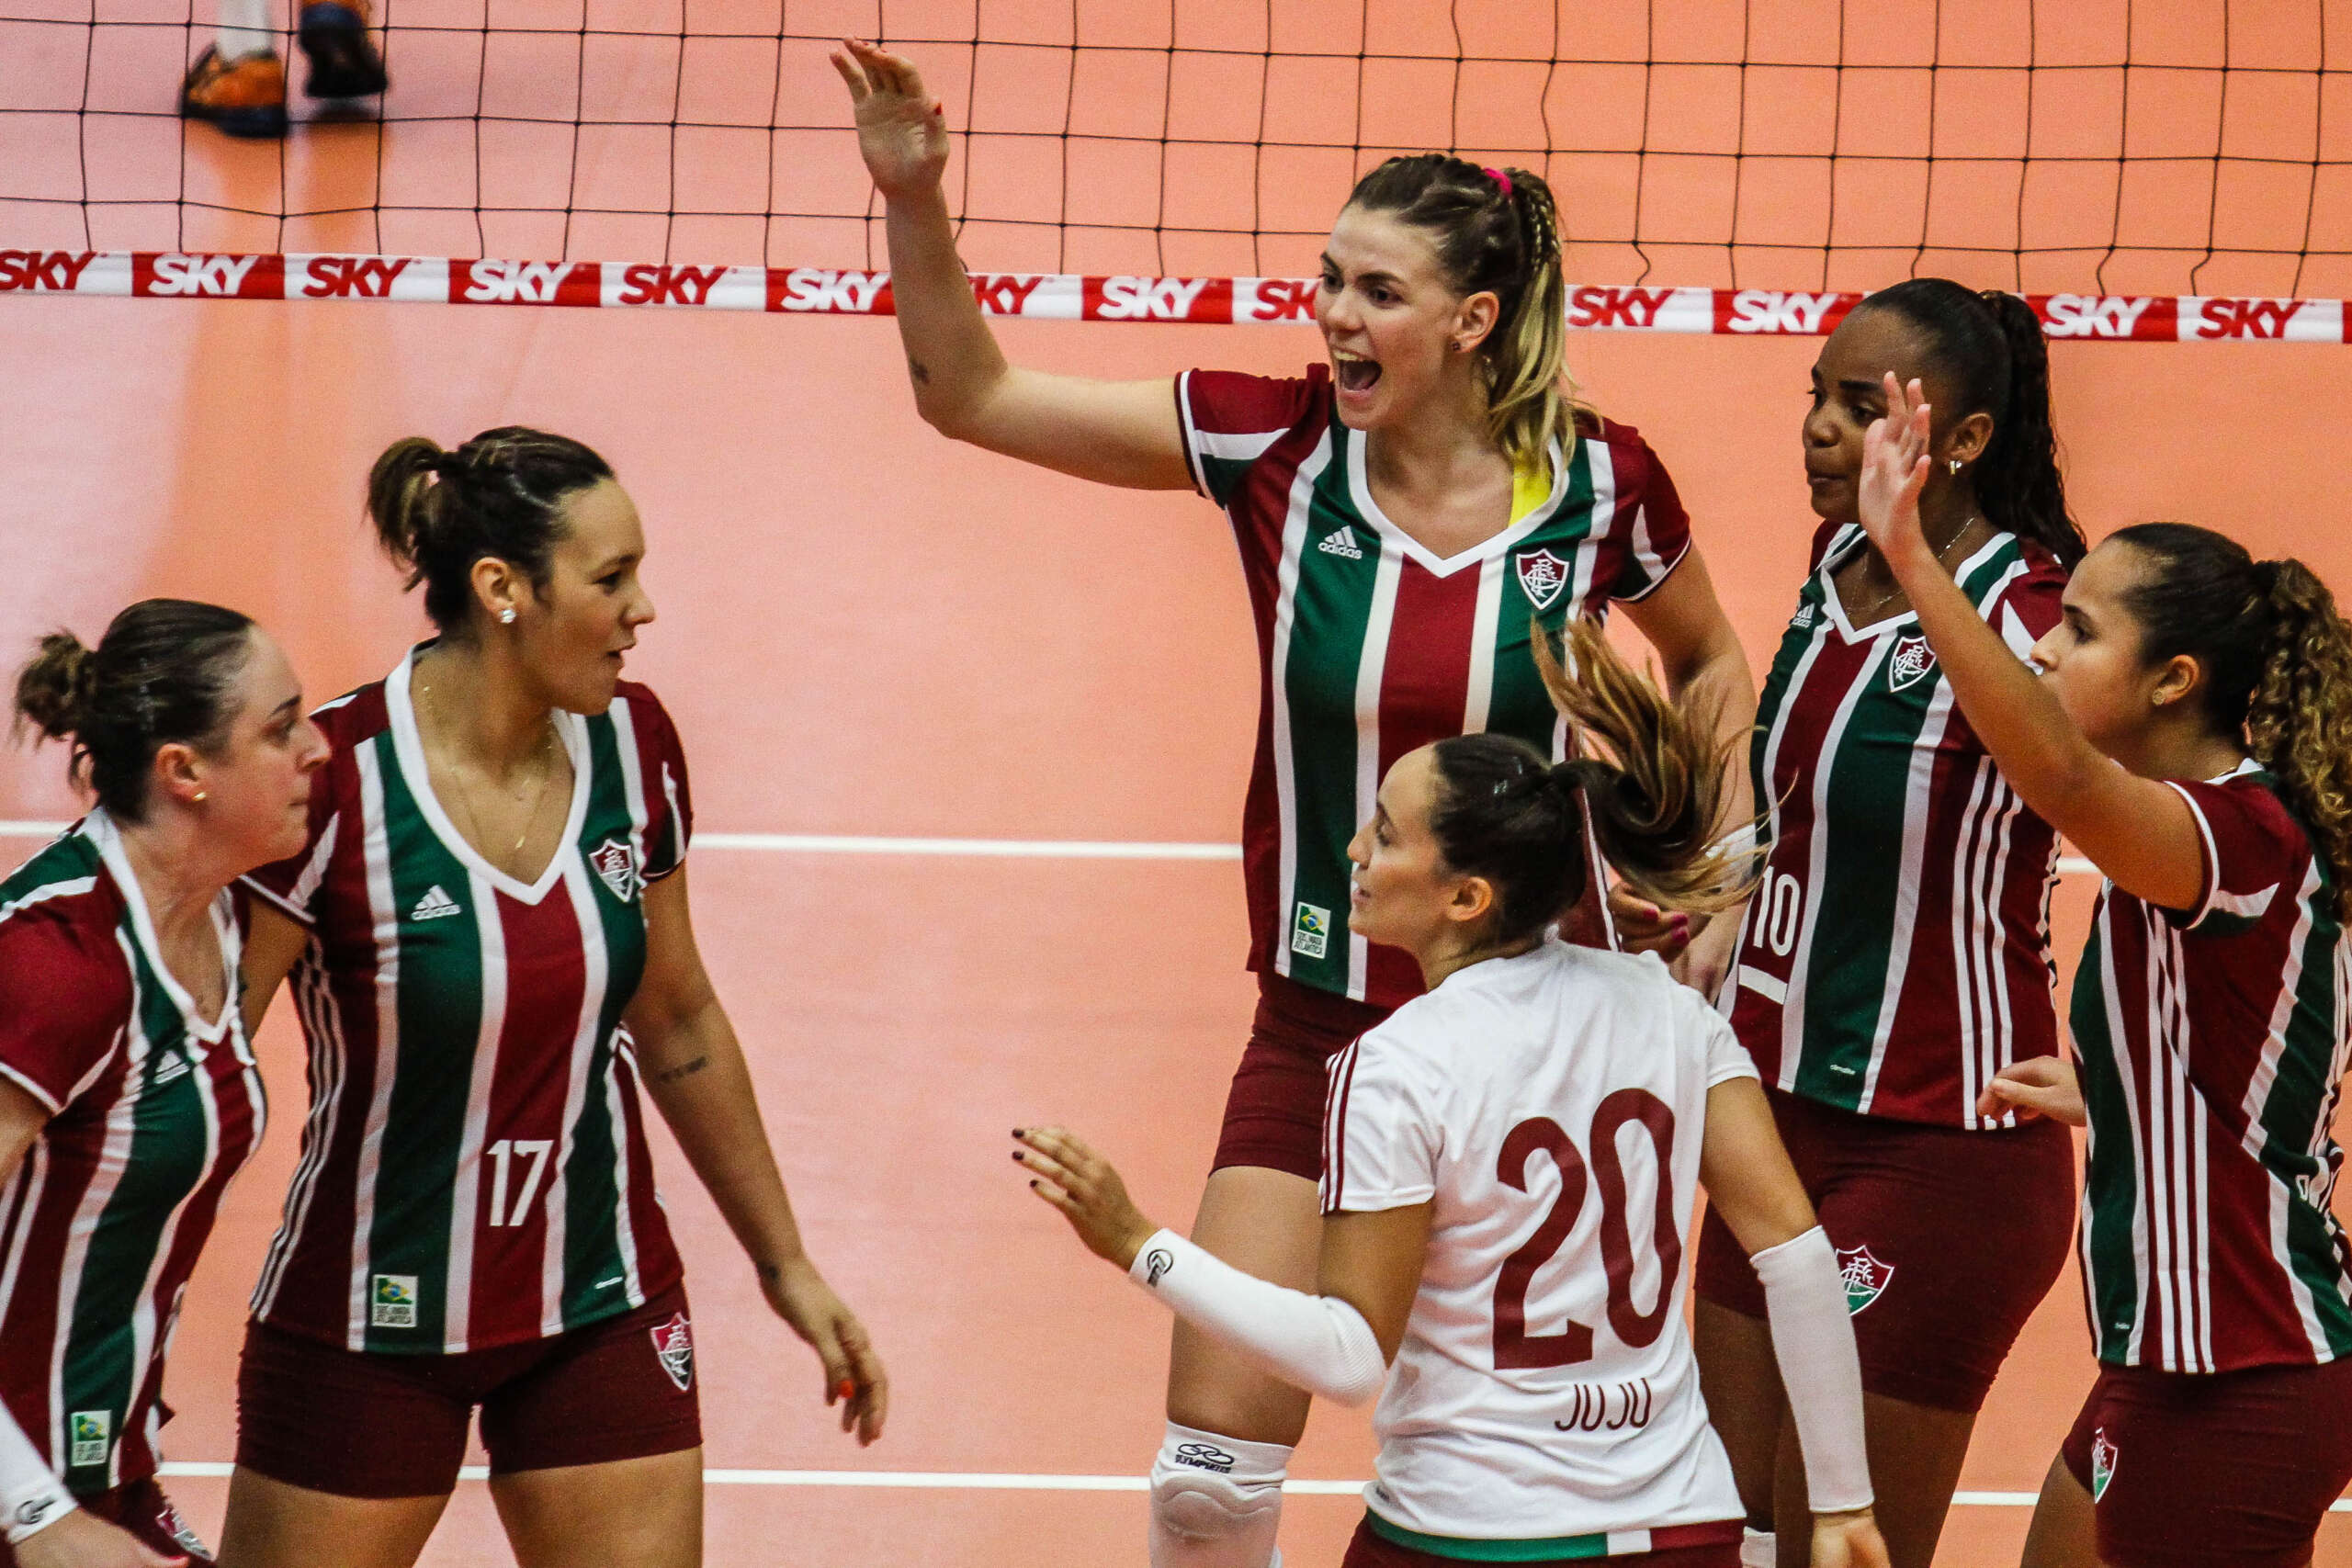 Ao vivo: SESI-BAURU X FLUMINENSE – Superliga Feminina 2020/21